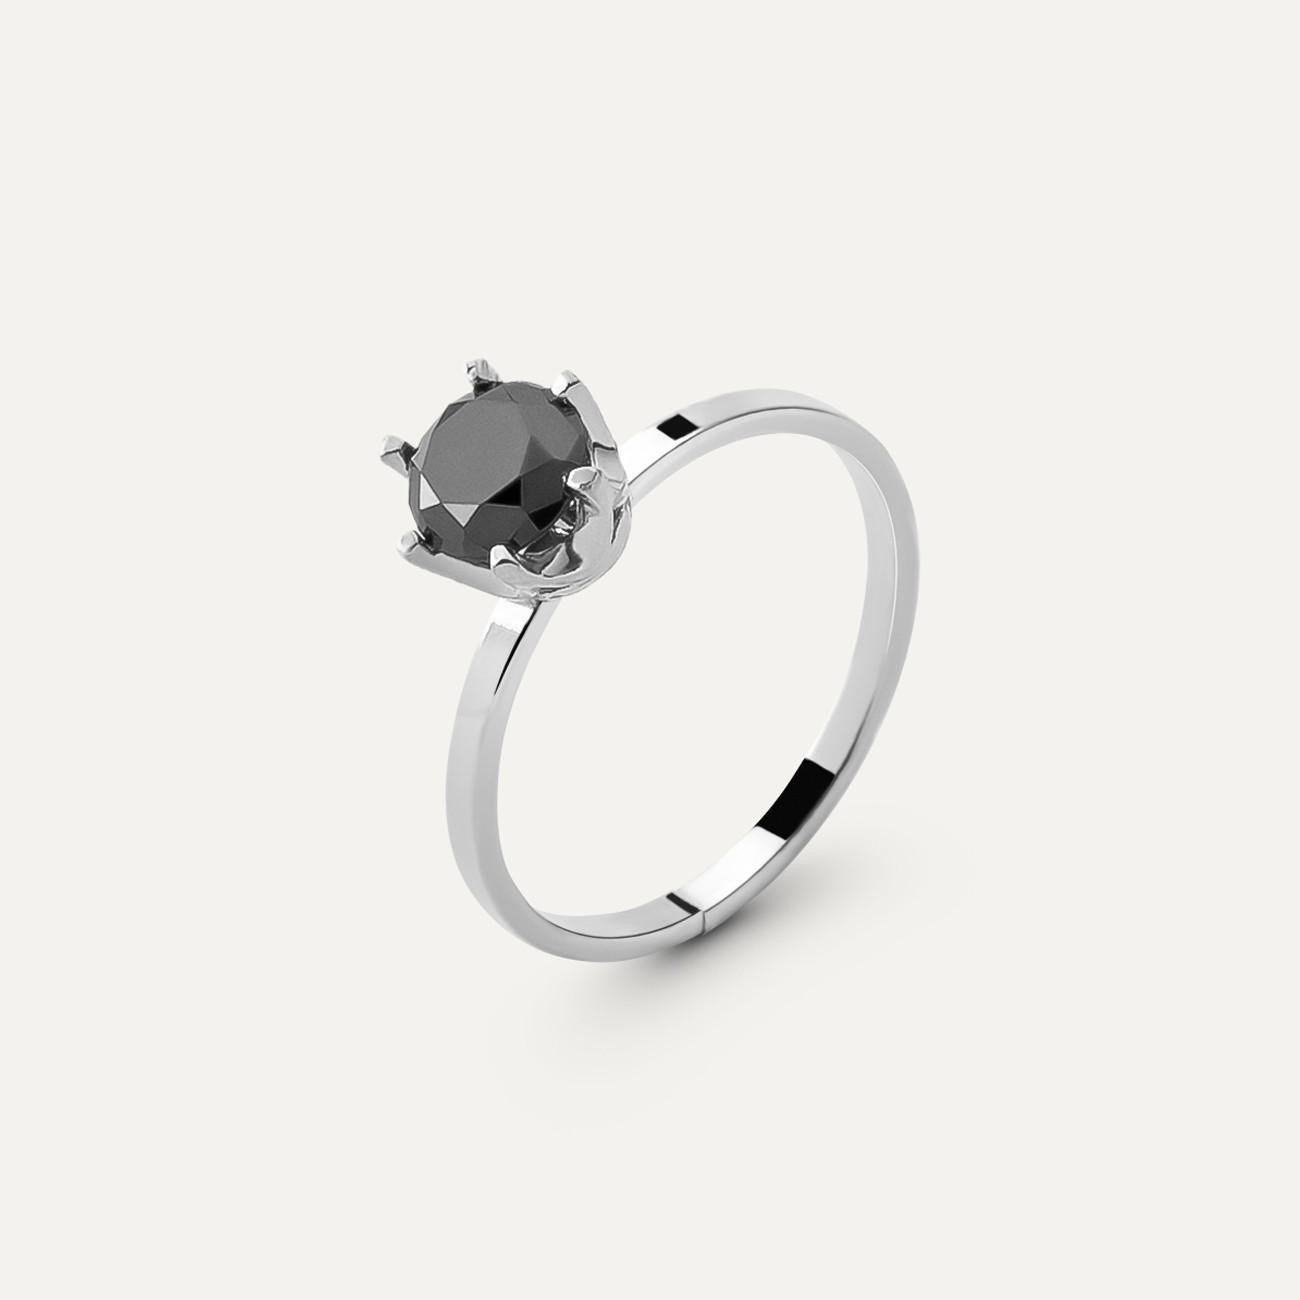 Srebrny pierścionek z diamentem 6mm My RING™ 925